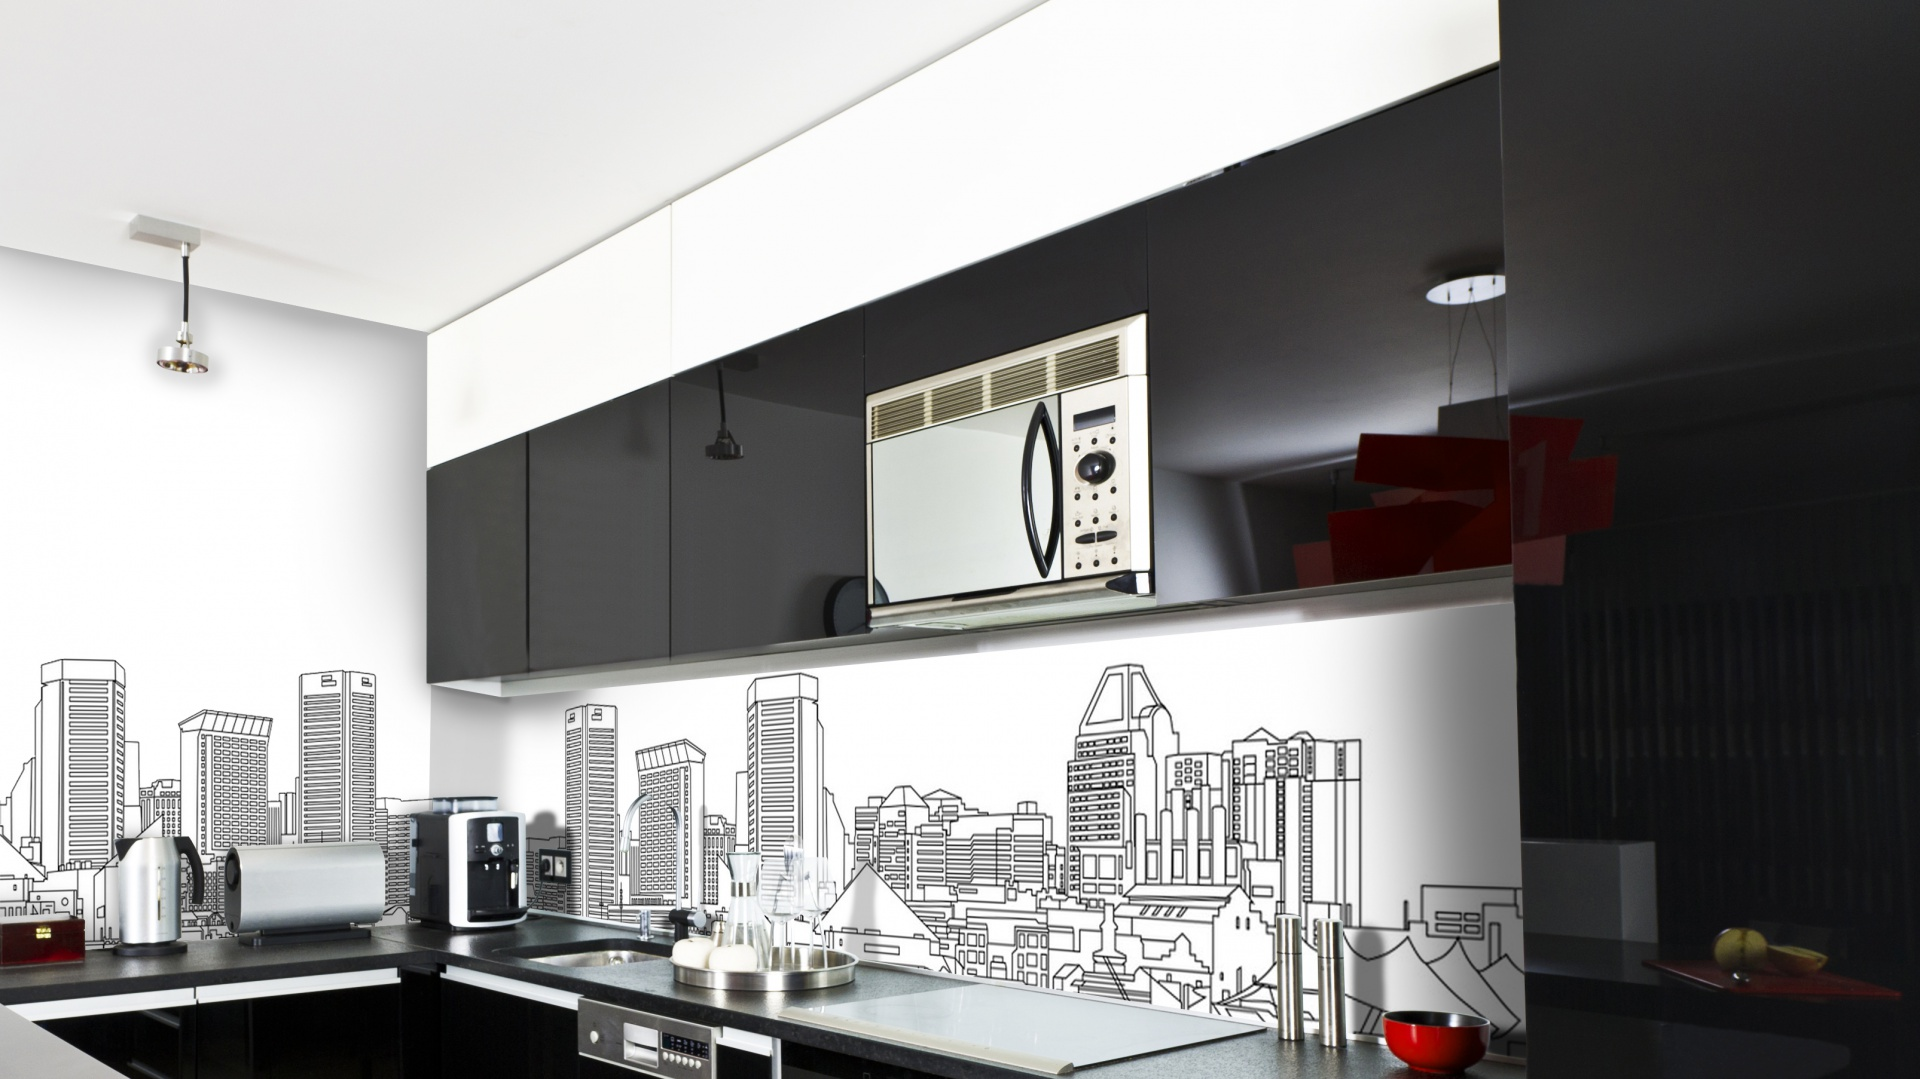 Oryginalna fototapeta z graficznym przedstawieniem widoku na linię wieżowców dużego miasta. Czarne, czyste linie na białym tle pięknie prezentują się z czarnymi meblami kuchennymi. Fot. Picassi.